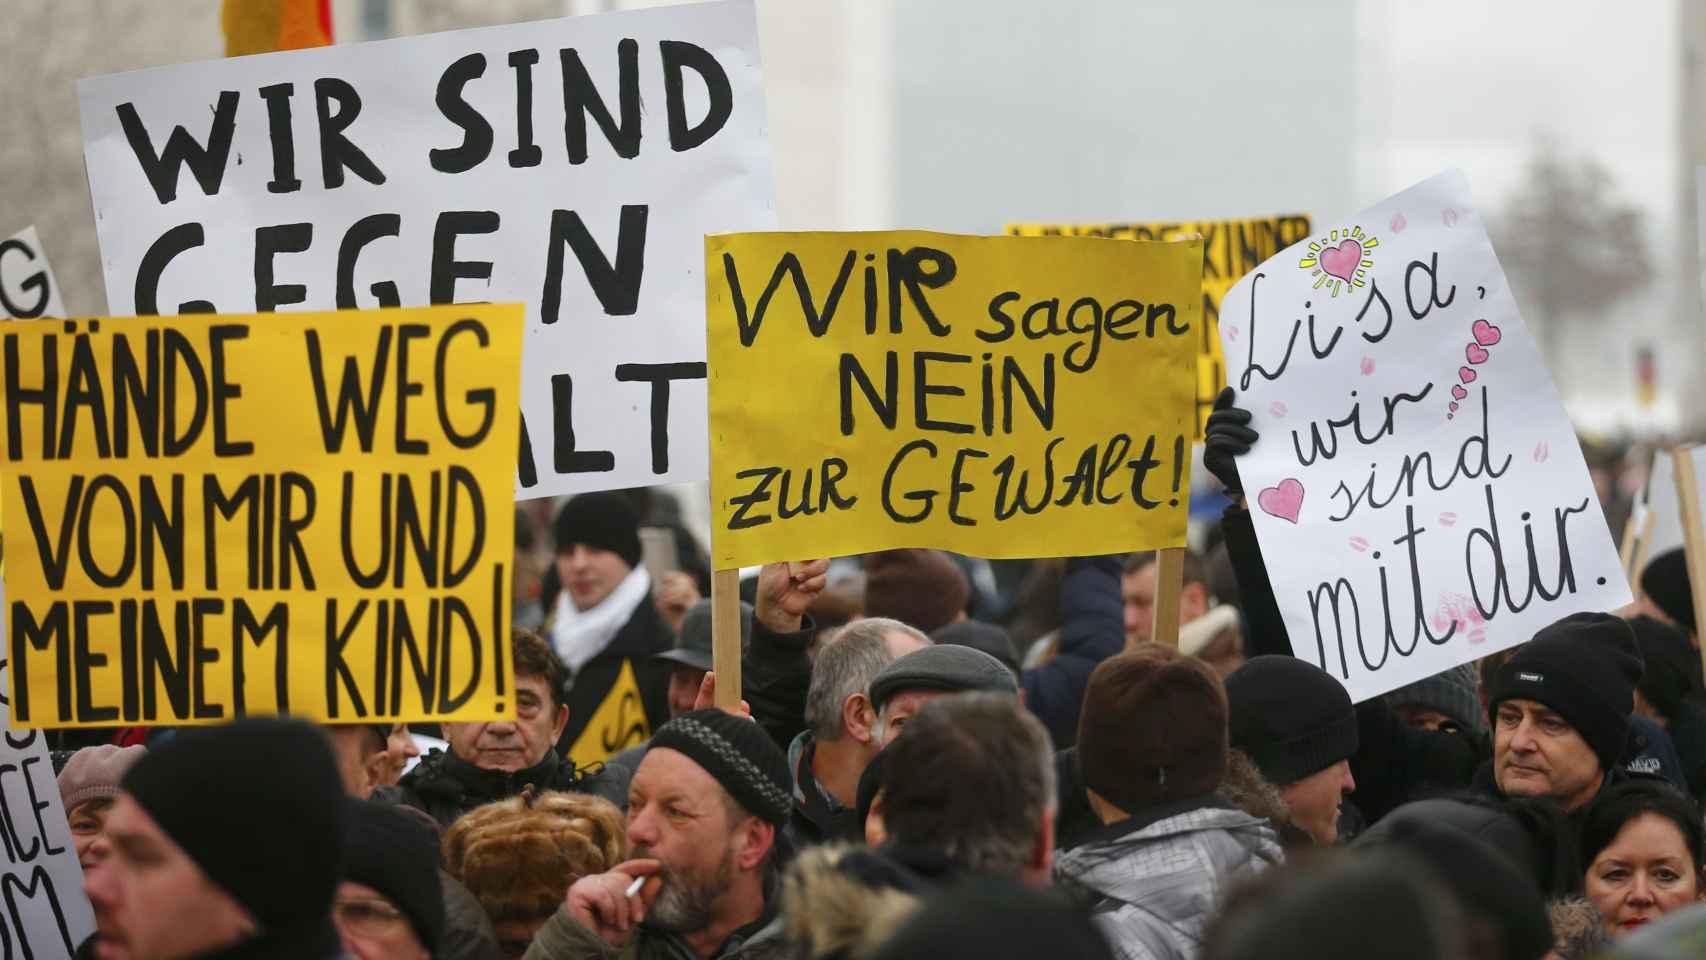 Una manifestación contra la violencia por parte de migrantes en Berlín.